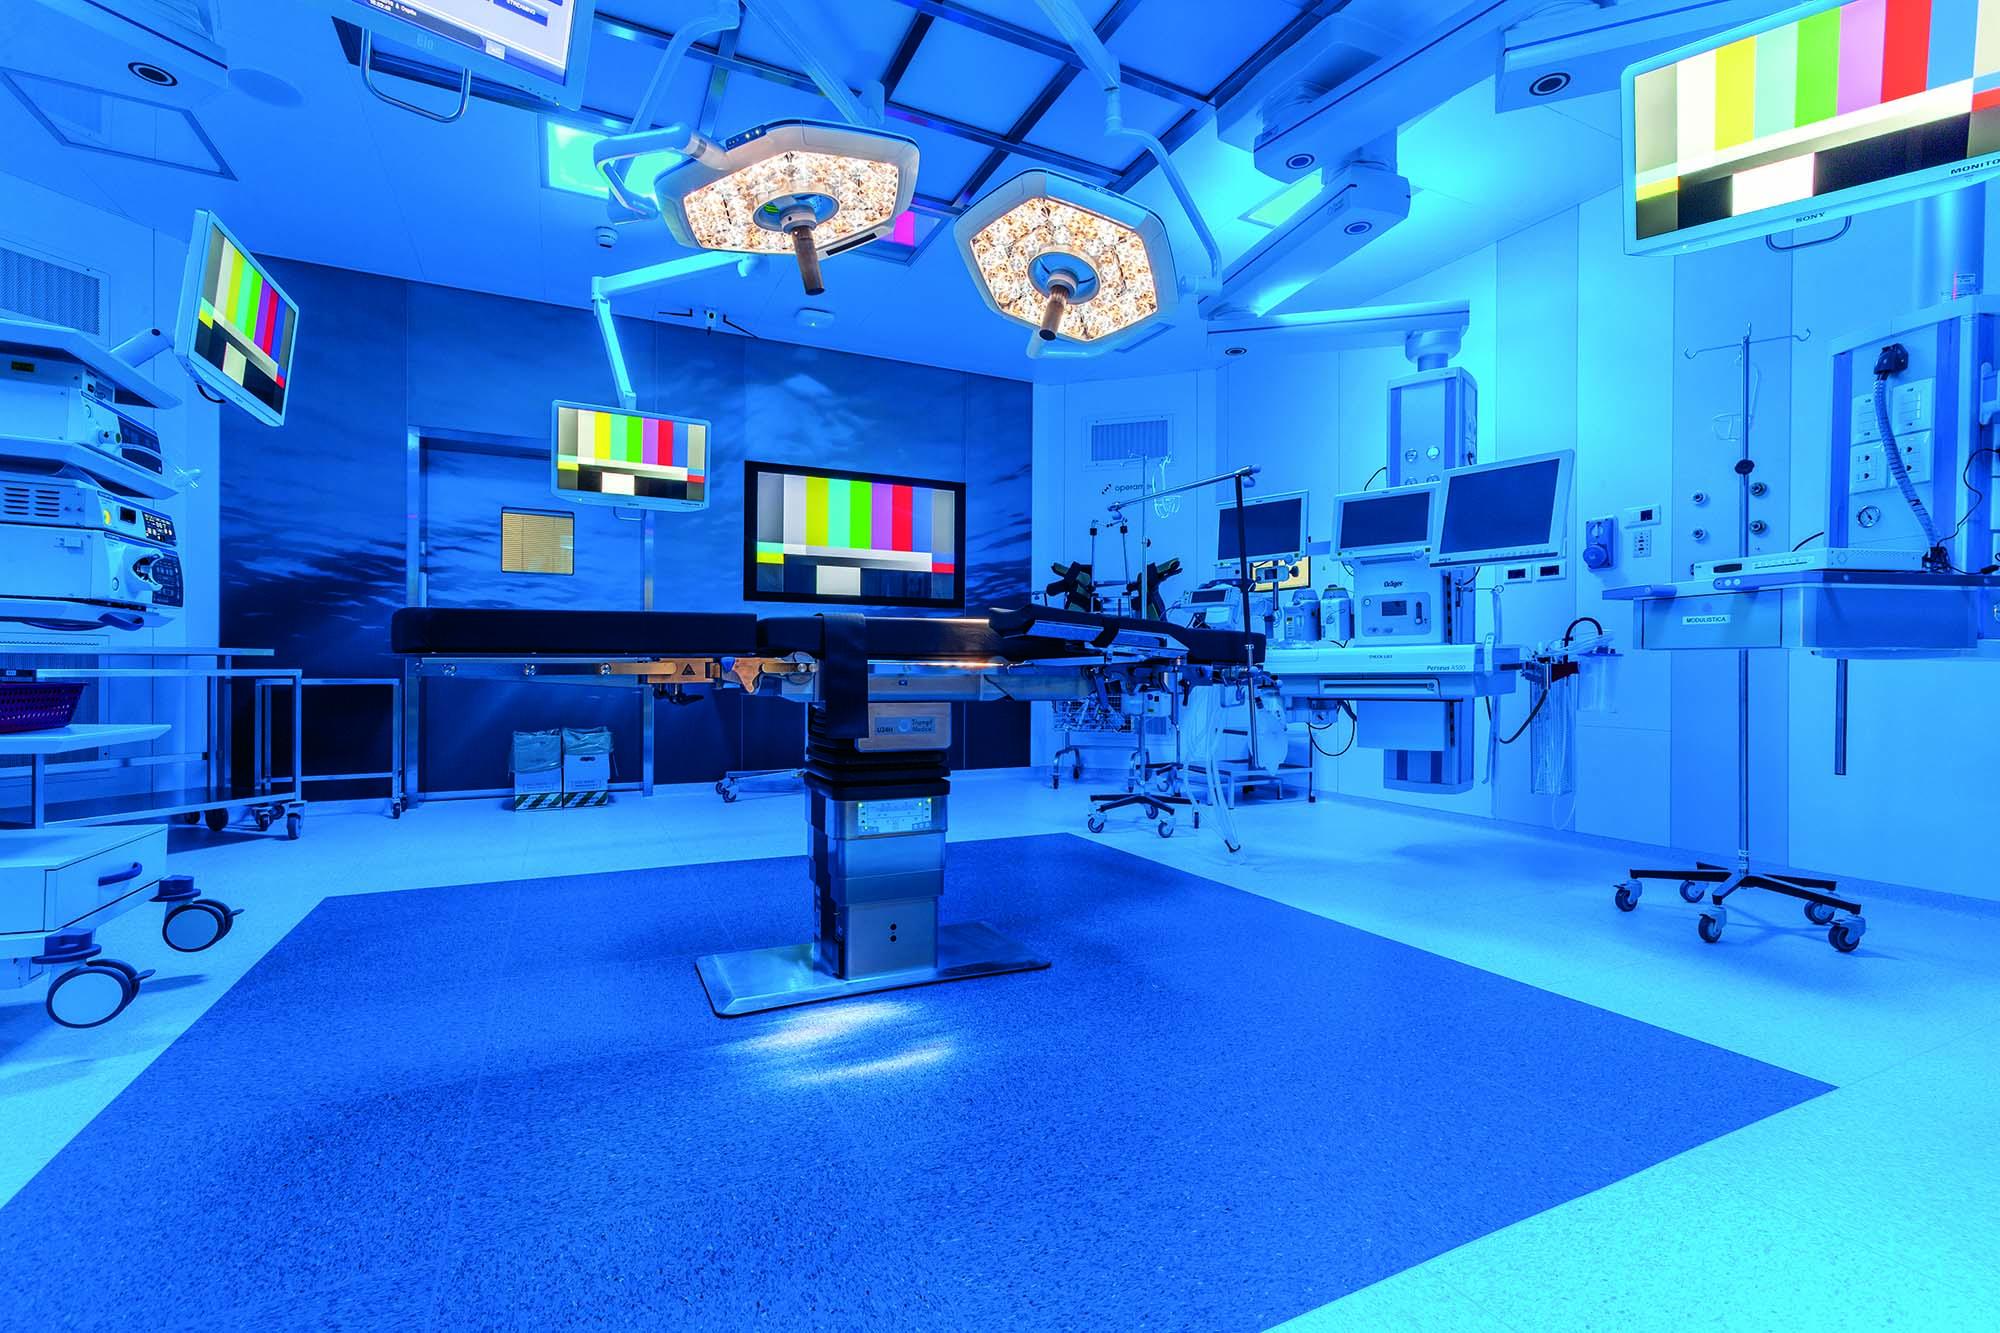 L'Ospedale Fondazione Poliambulanza a Brescia